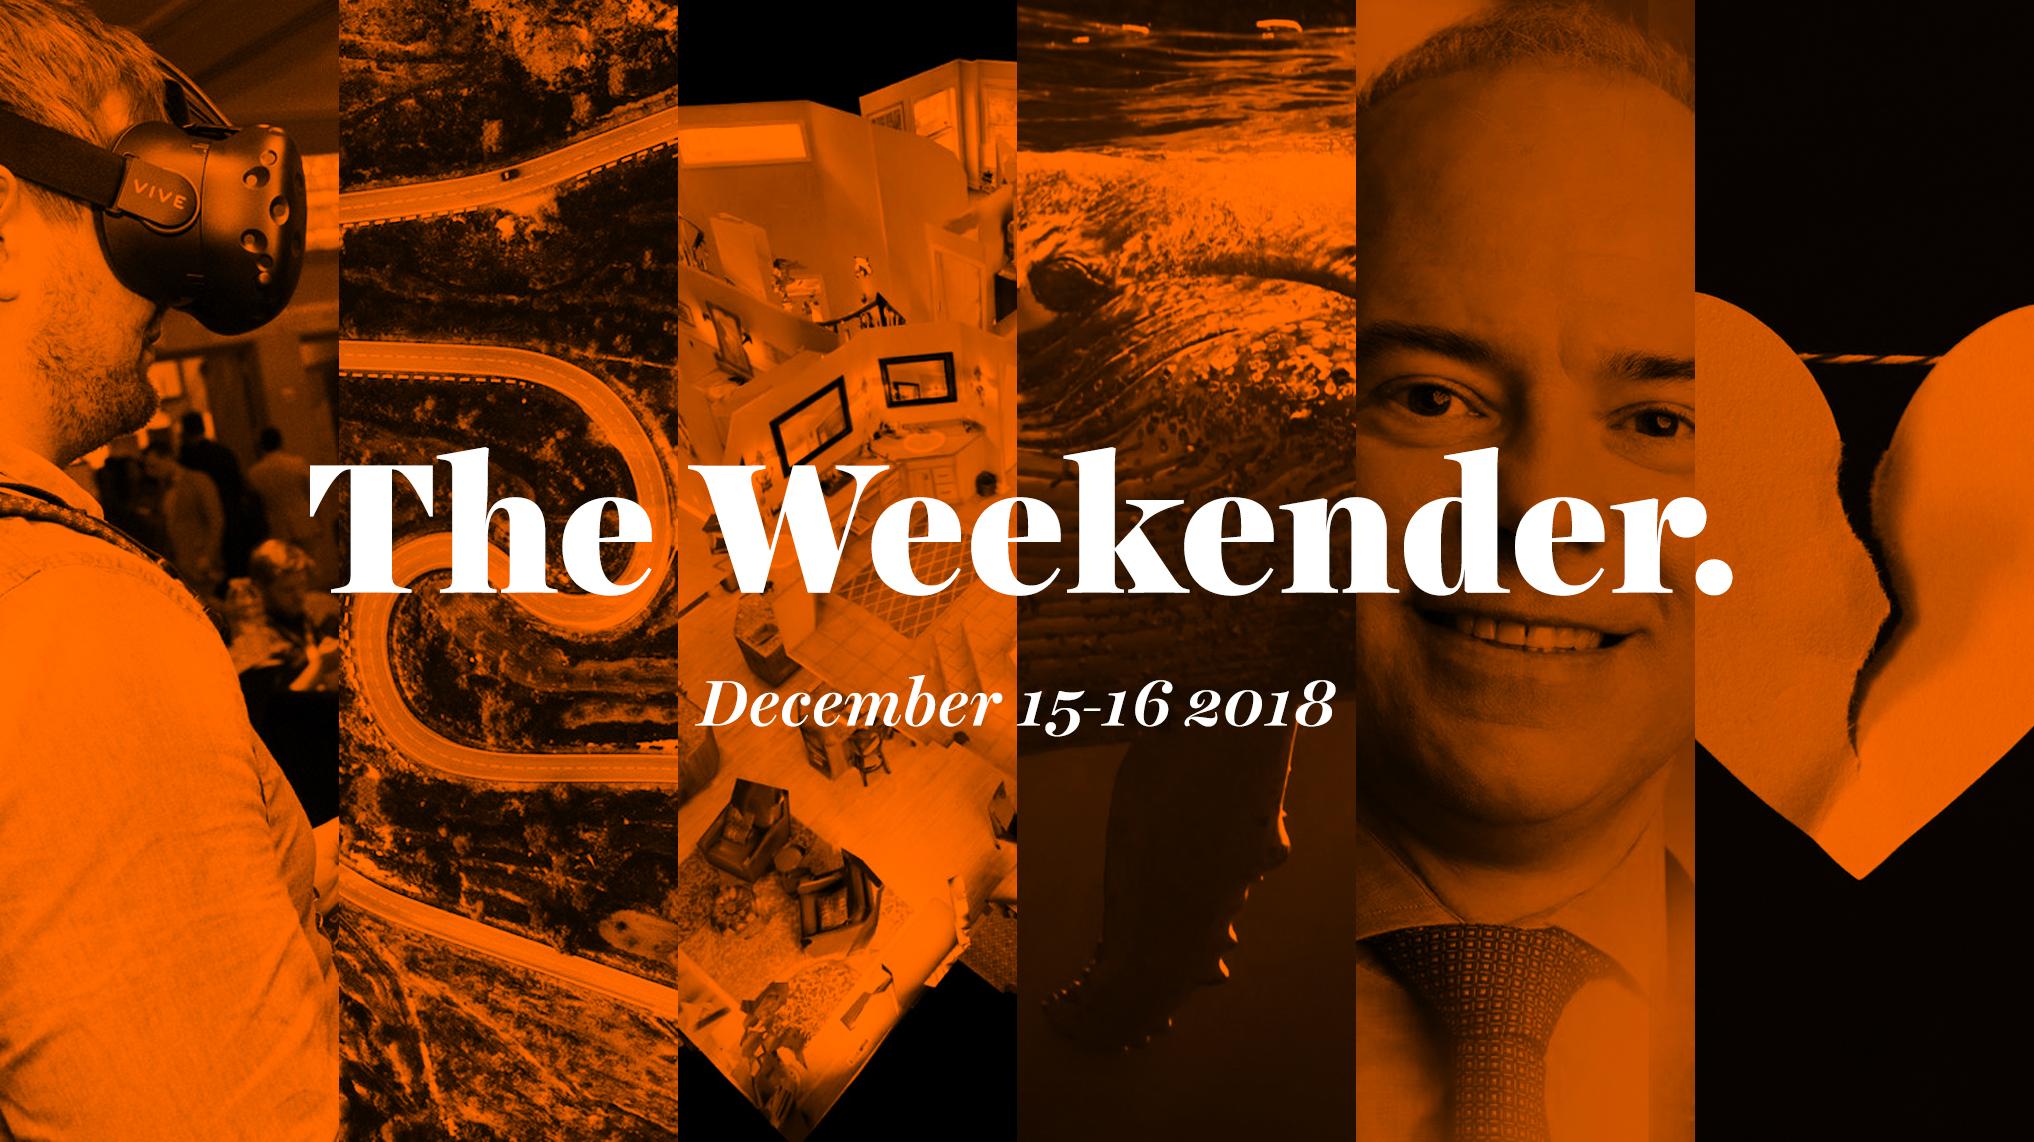 The Inman Weekender, December 15-16, 2018